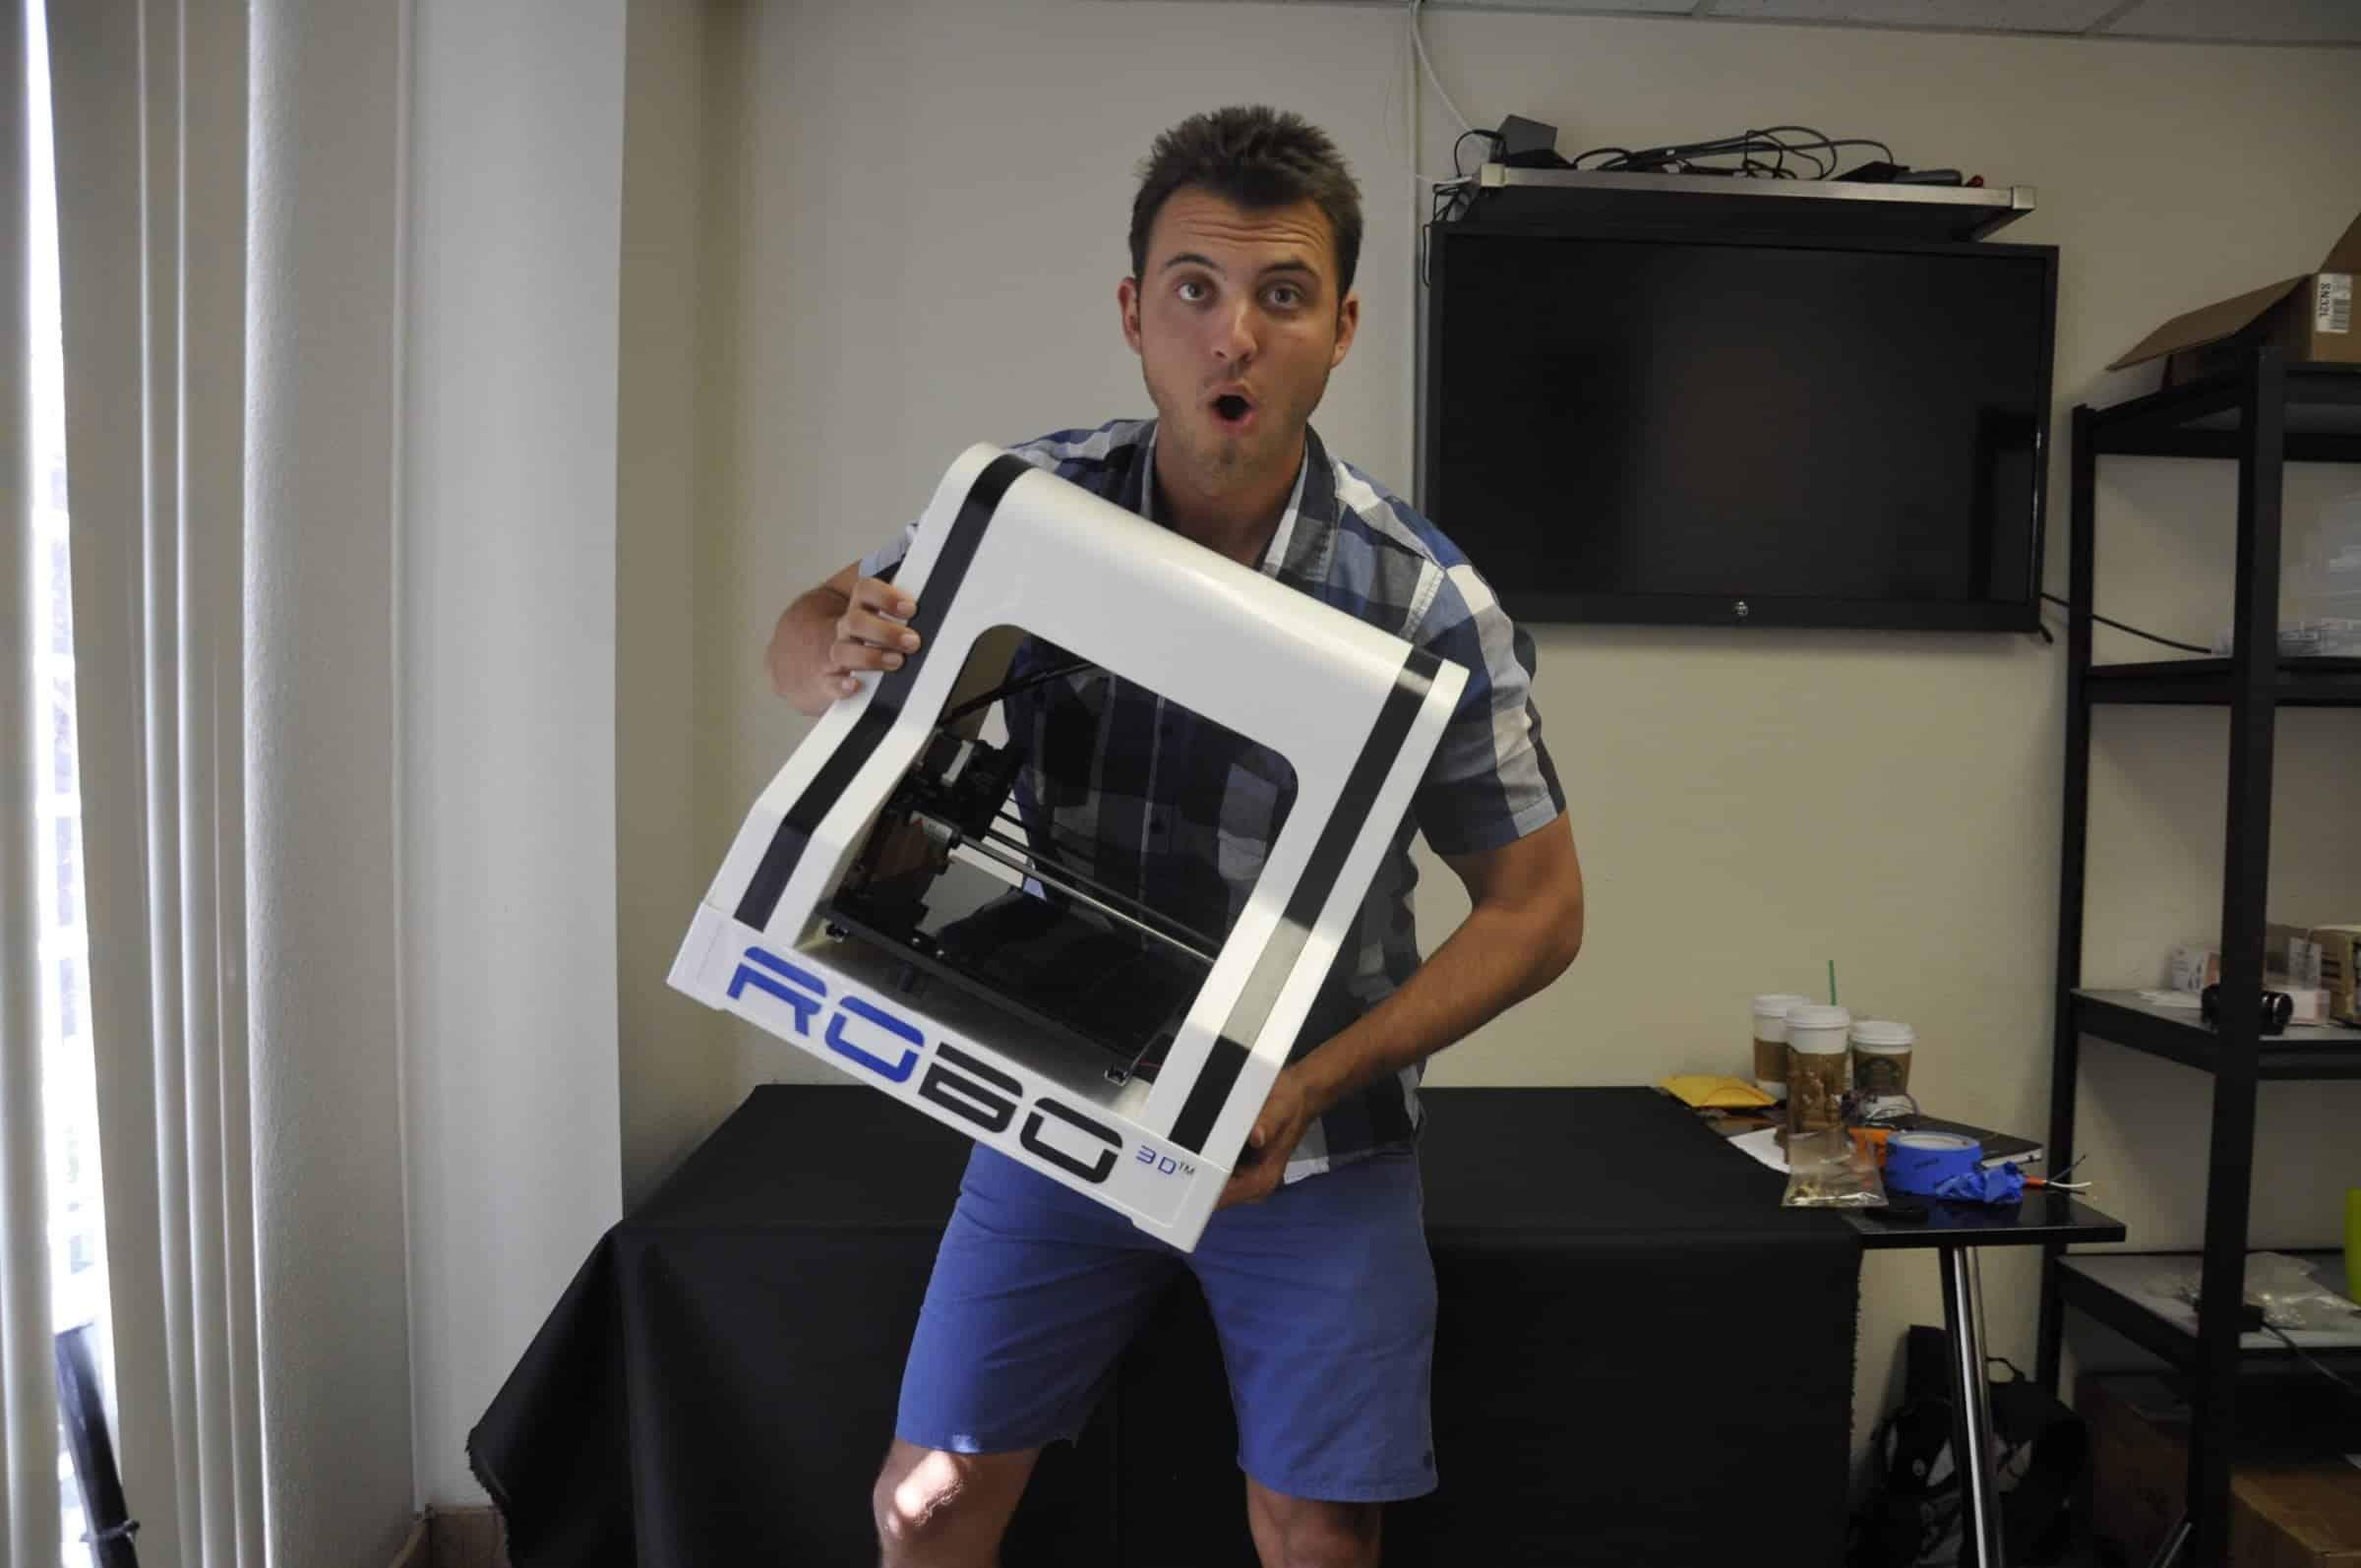 Braydon Moreno - CEO of Robo 3D Printer